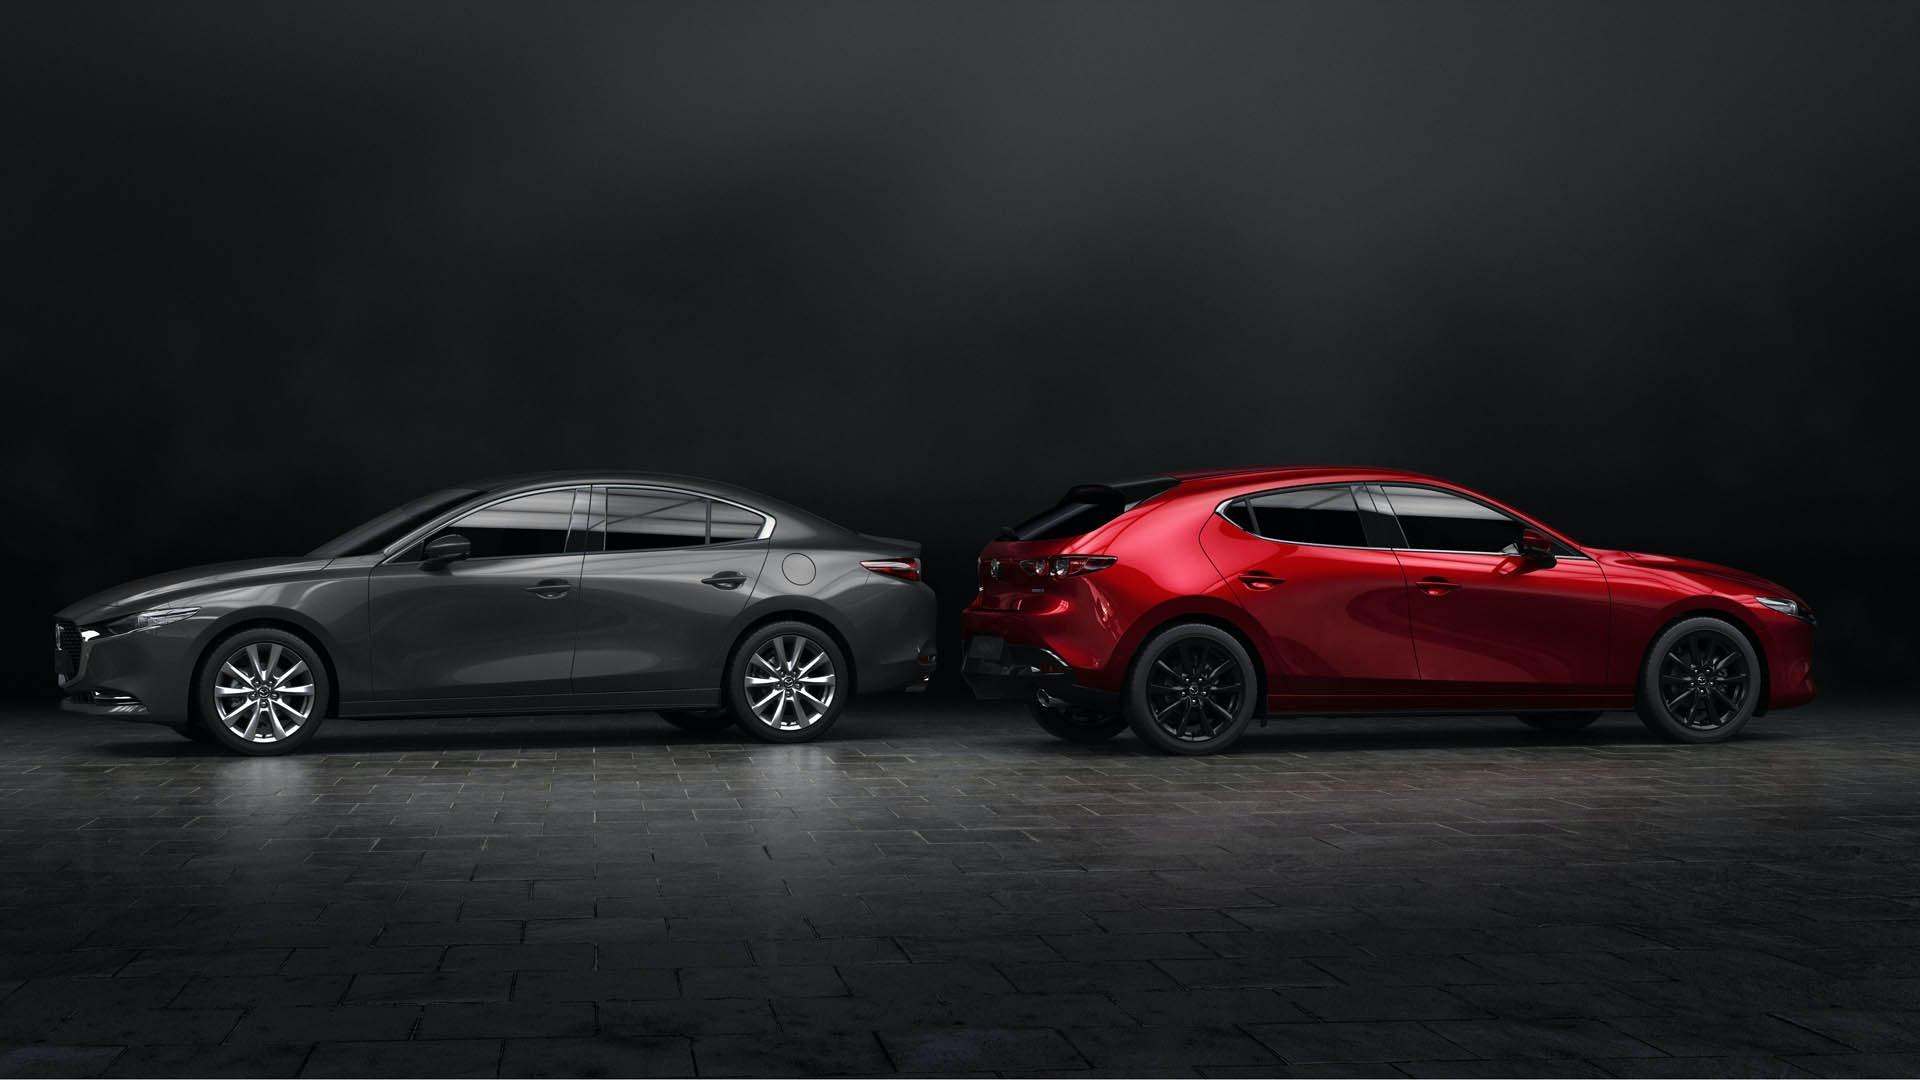 Den helt nye Mazda 3 sedan og hatchback